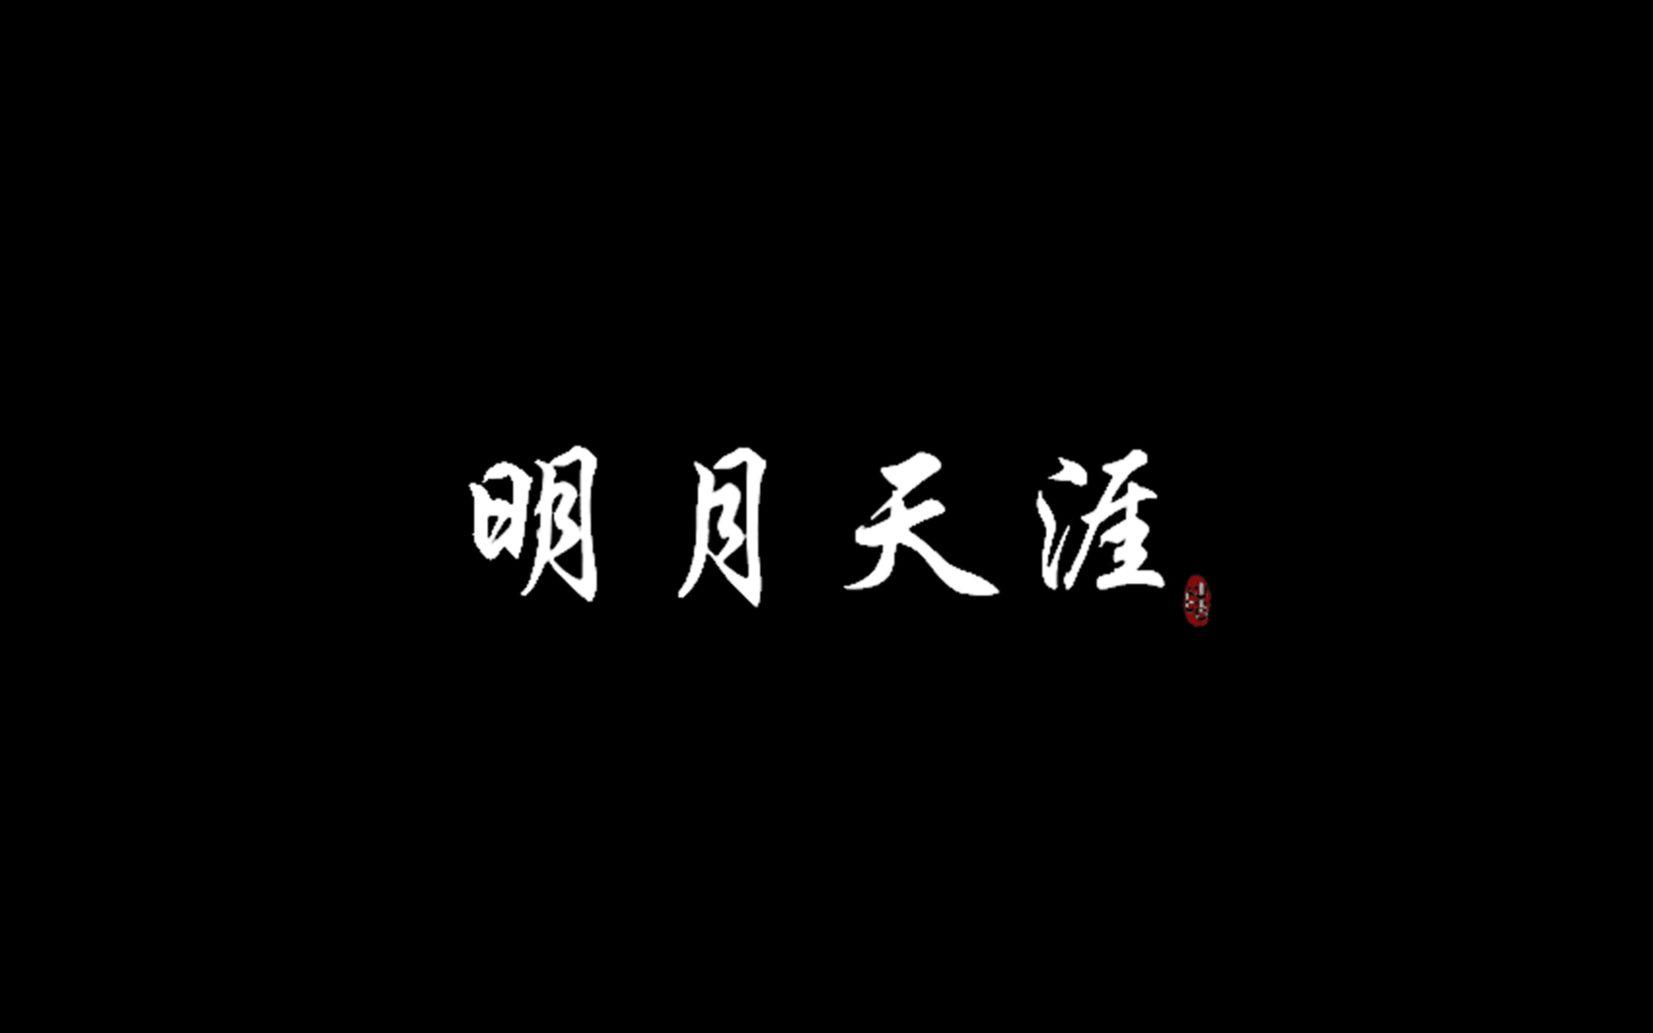 【国漫混剪】明月天涯